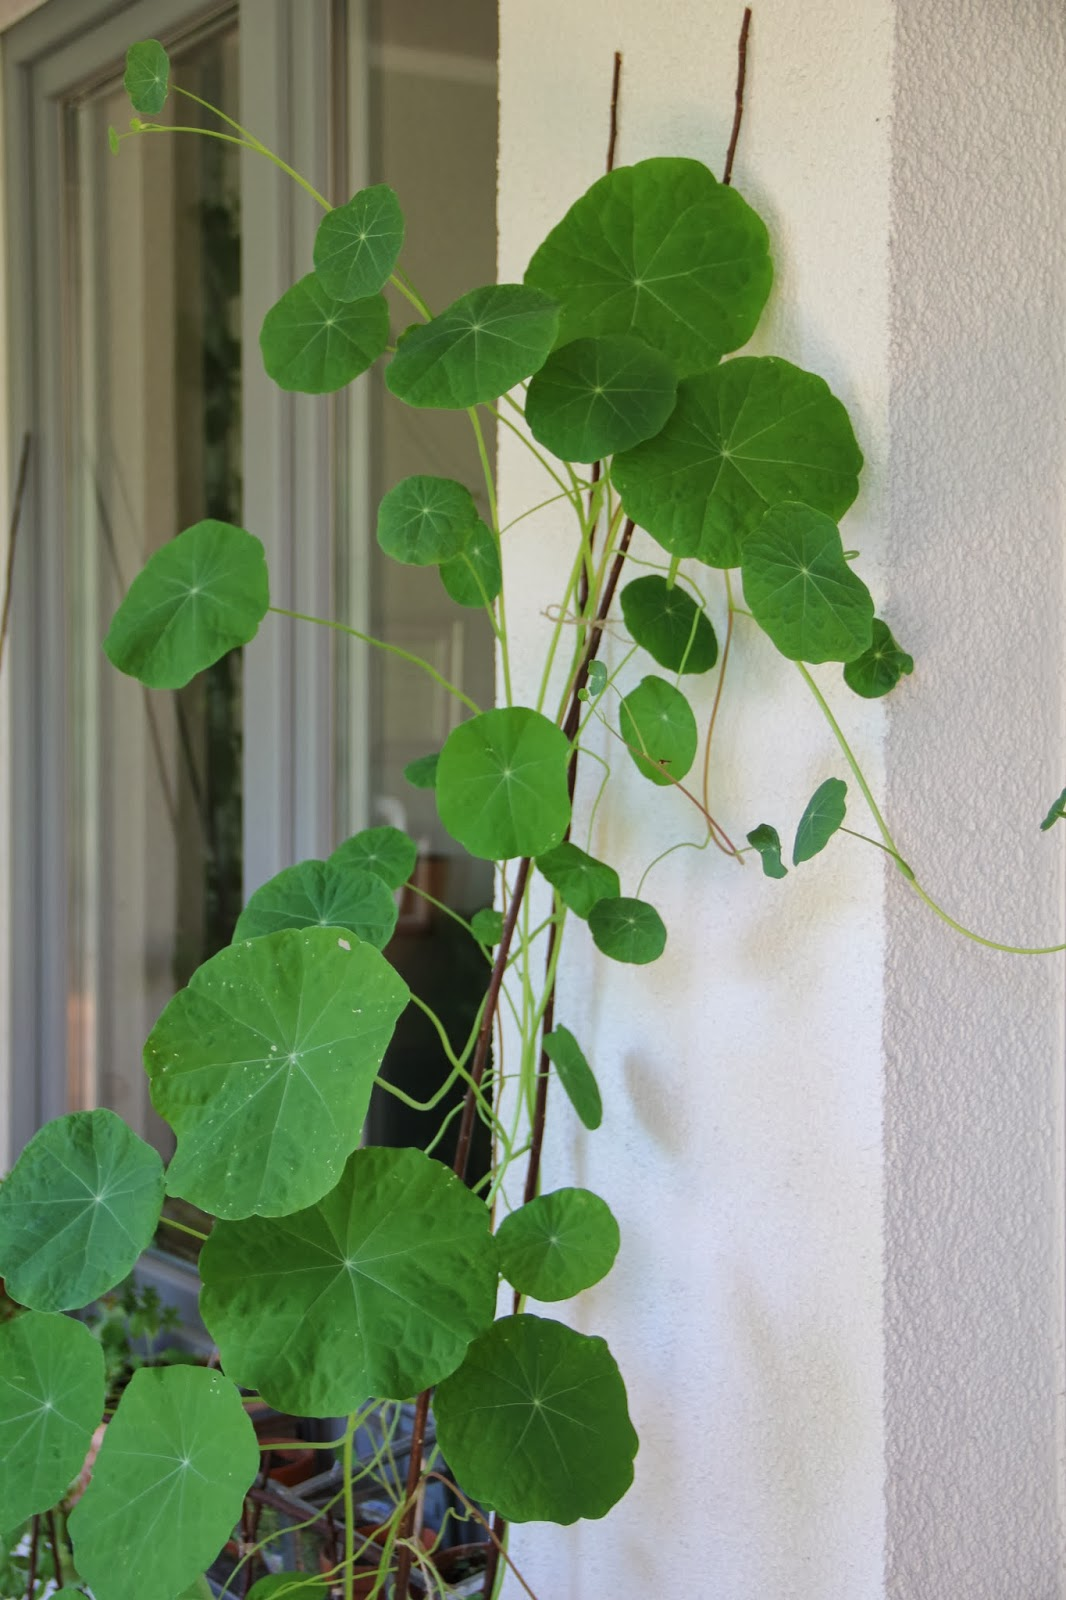 mein balkon salat 2 welche sorten eignen sich f r den. Black Bedroom Furniture Sets. Home Design Ideas